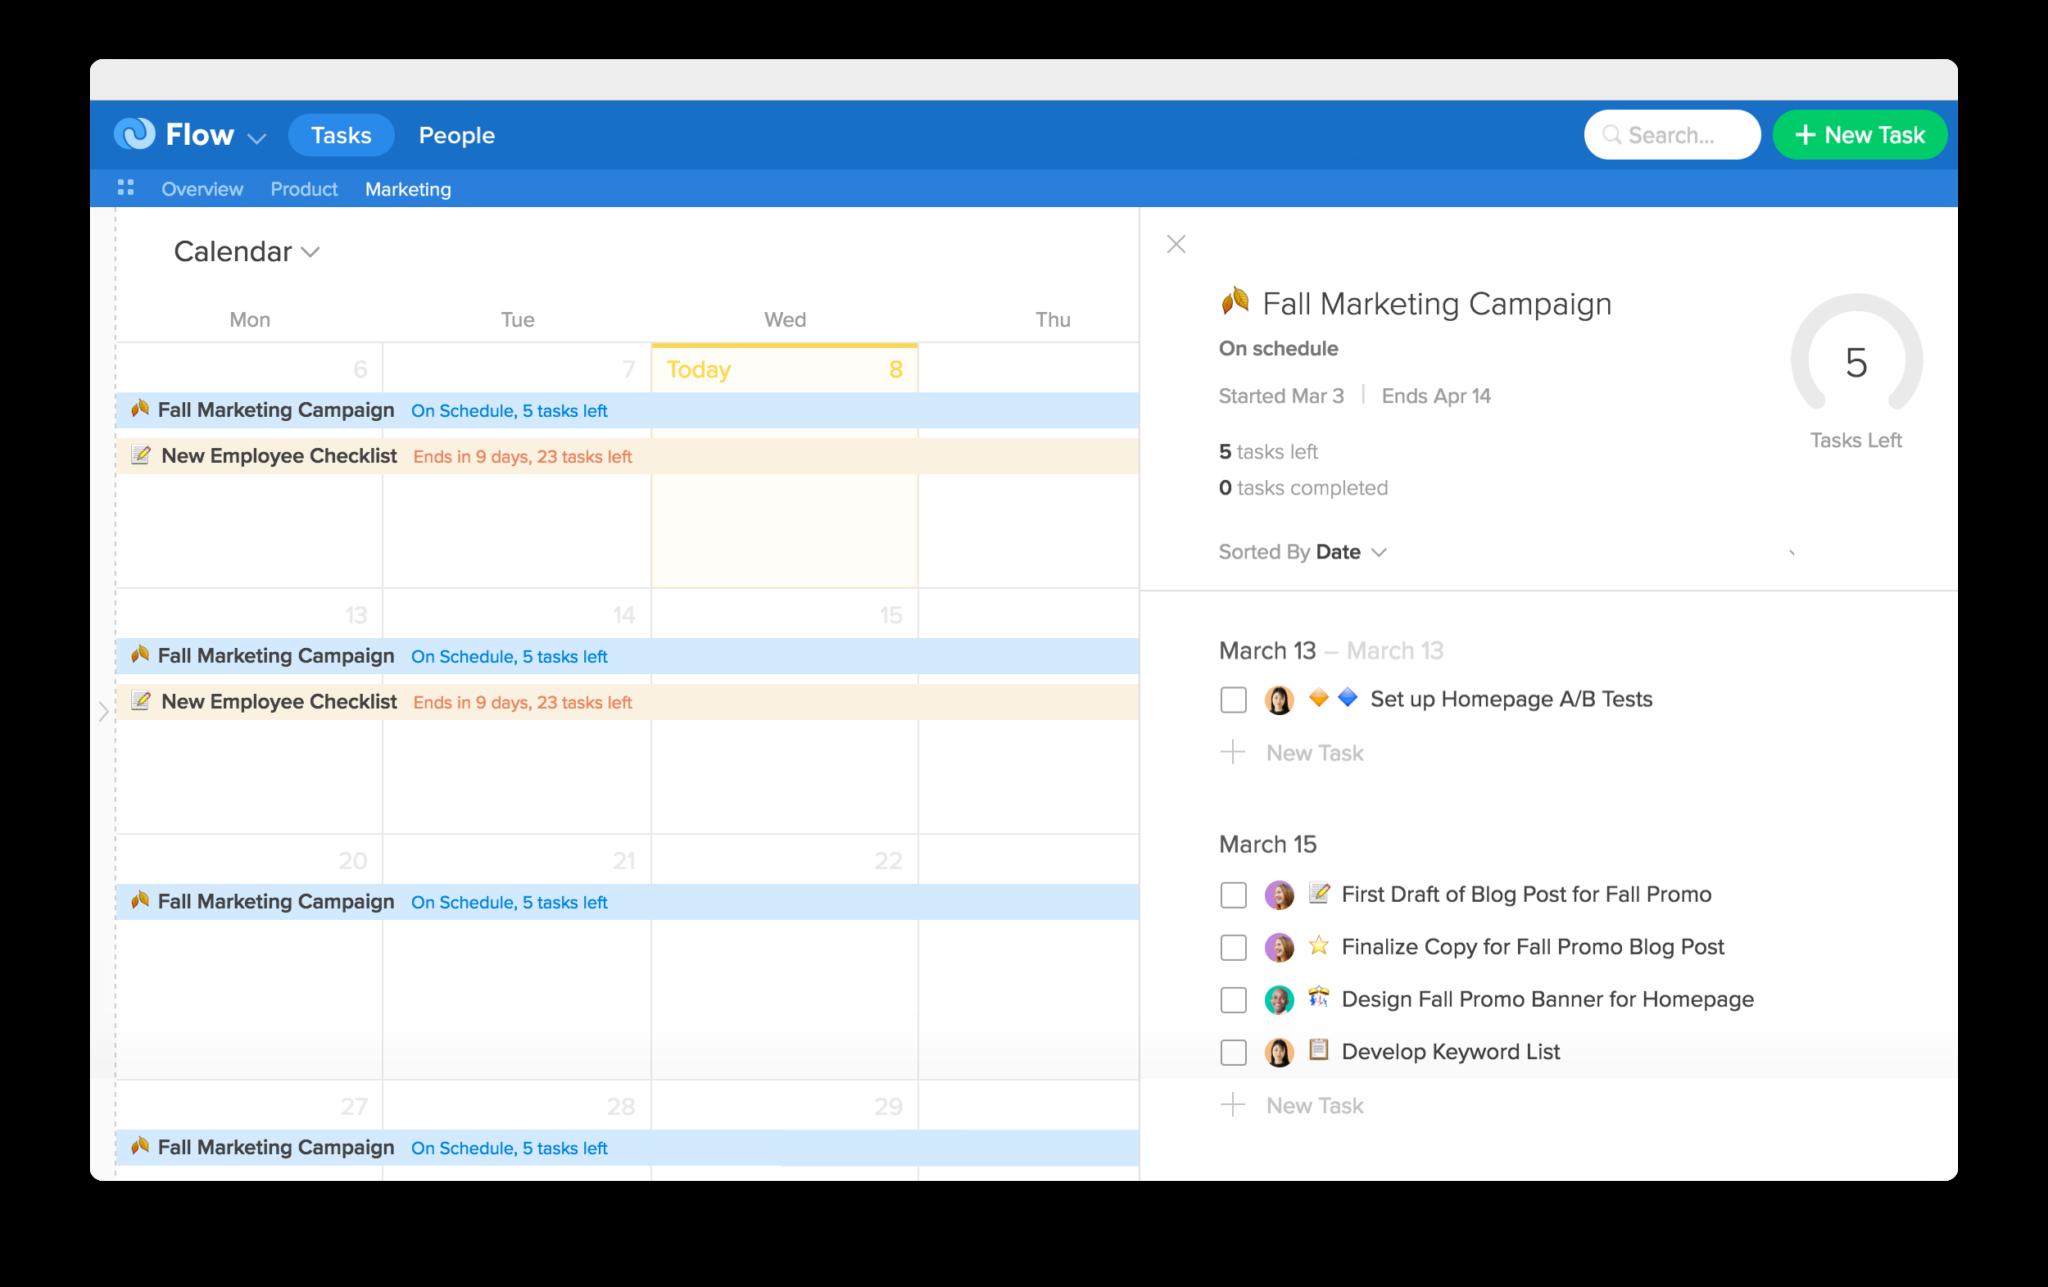 Flow Software - Calendar